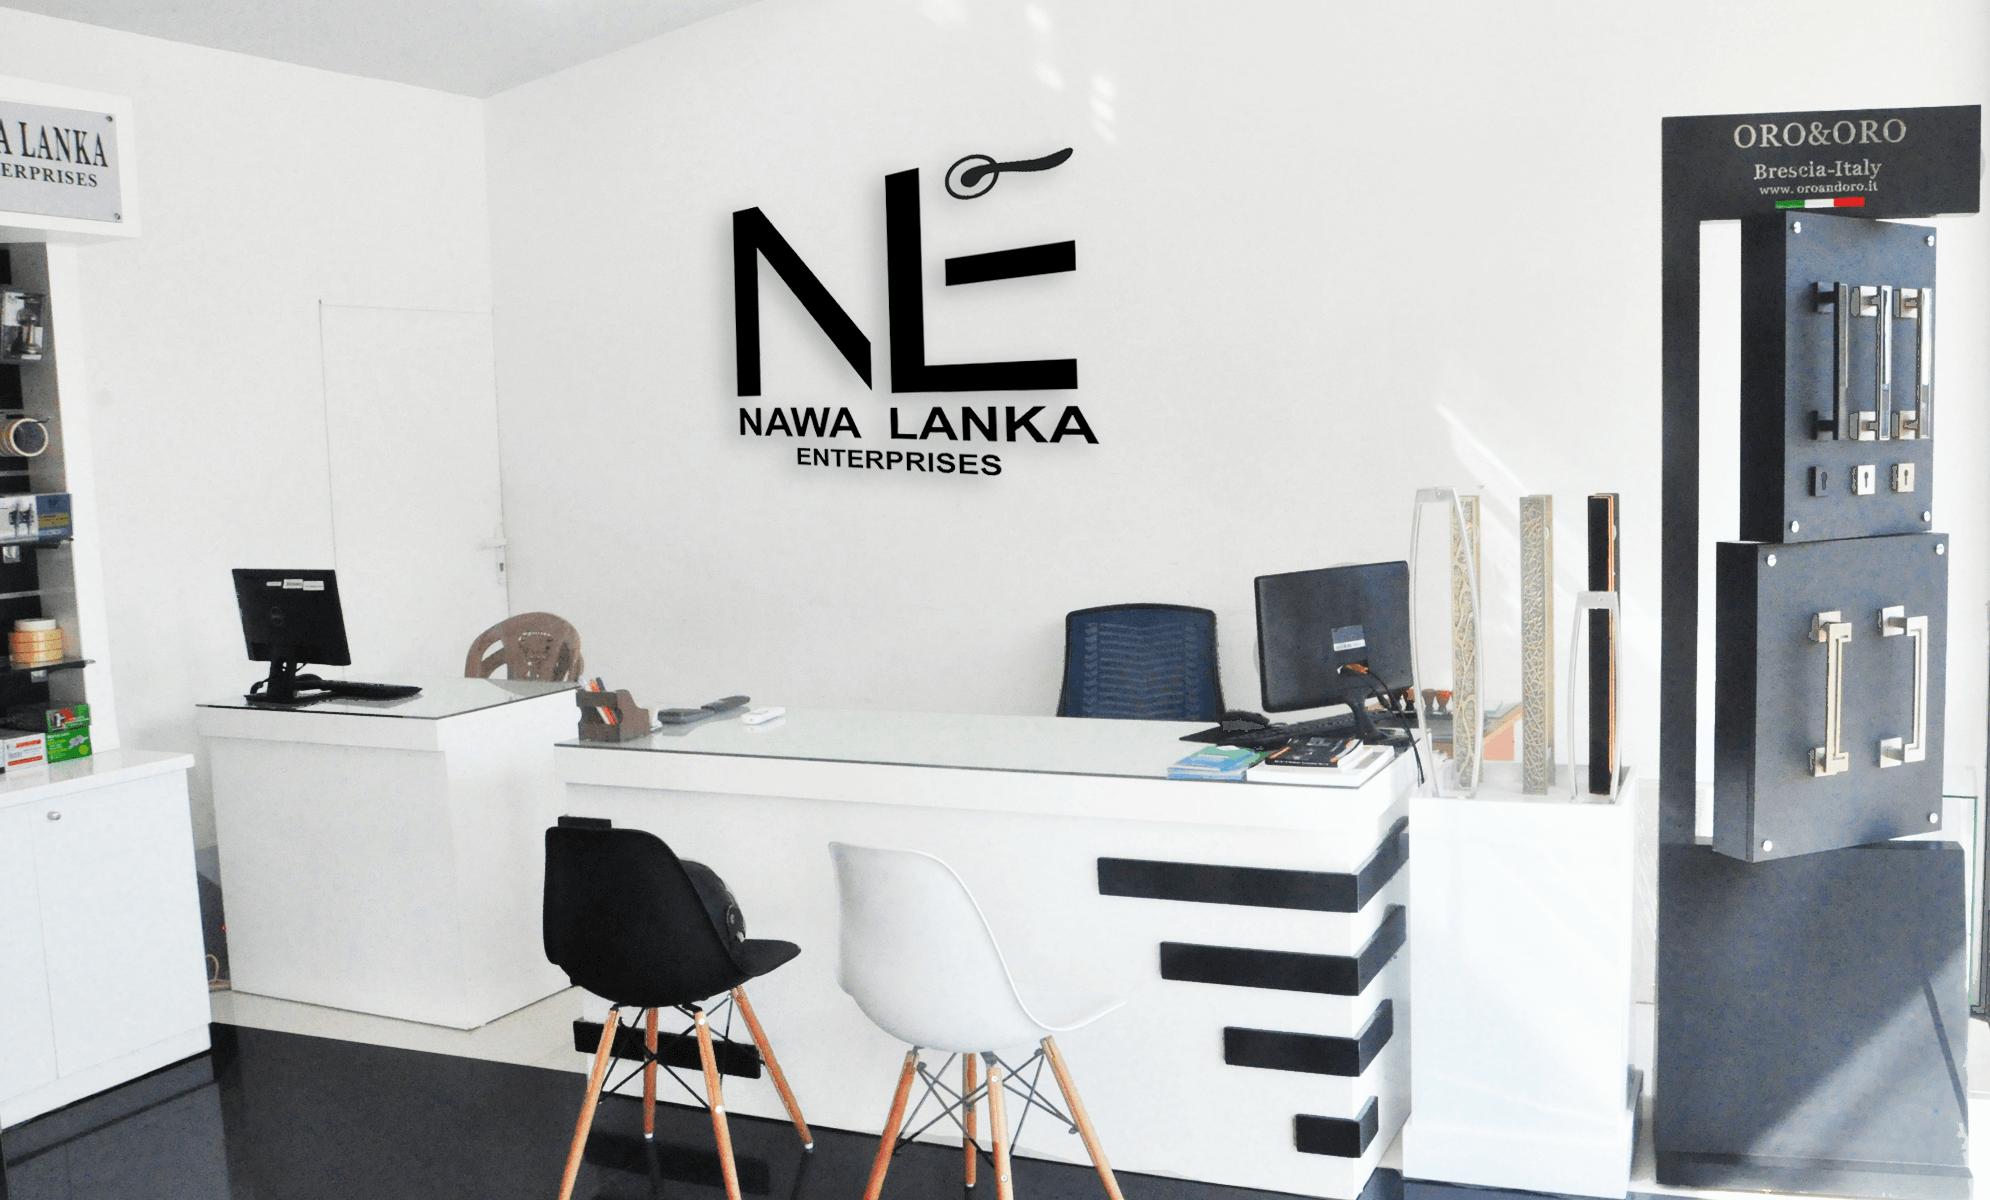 nawalanka-enterprises-shop